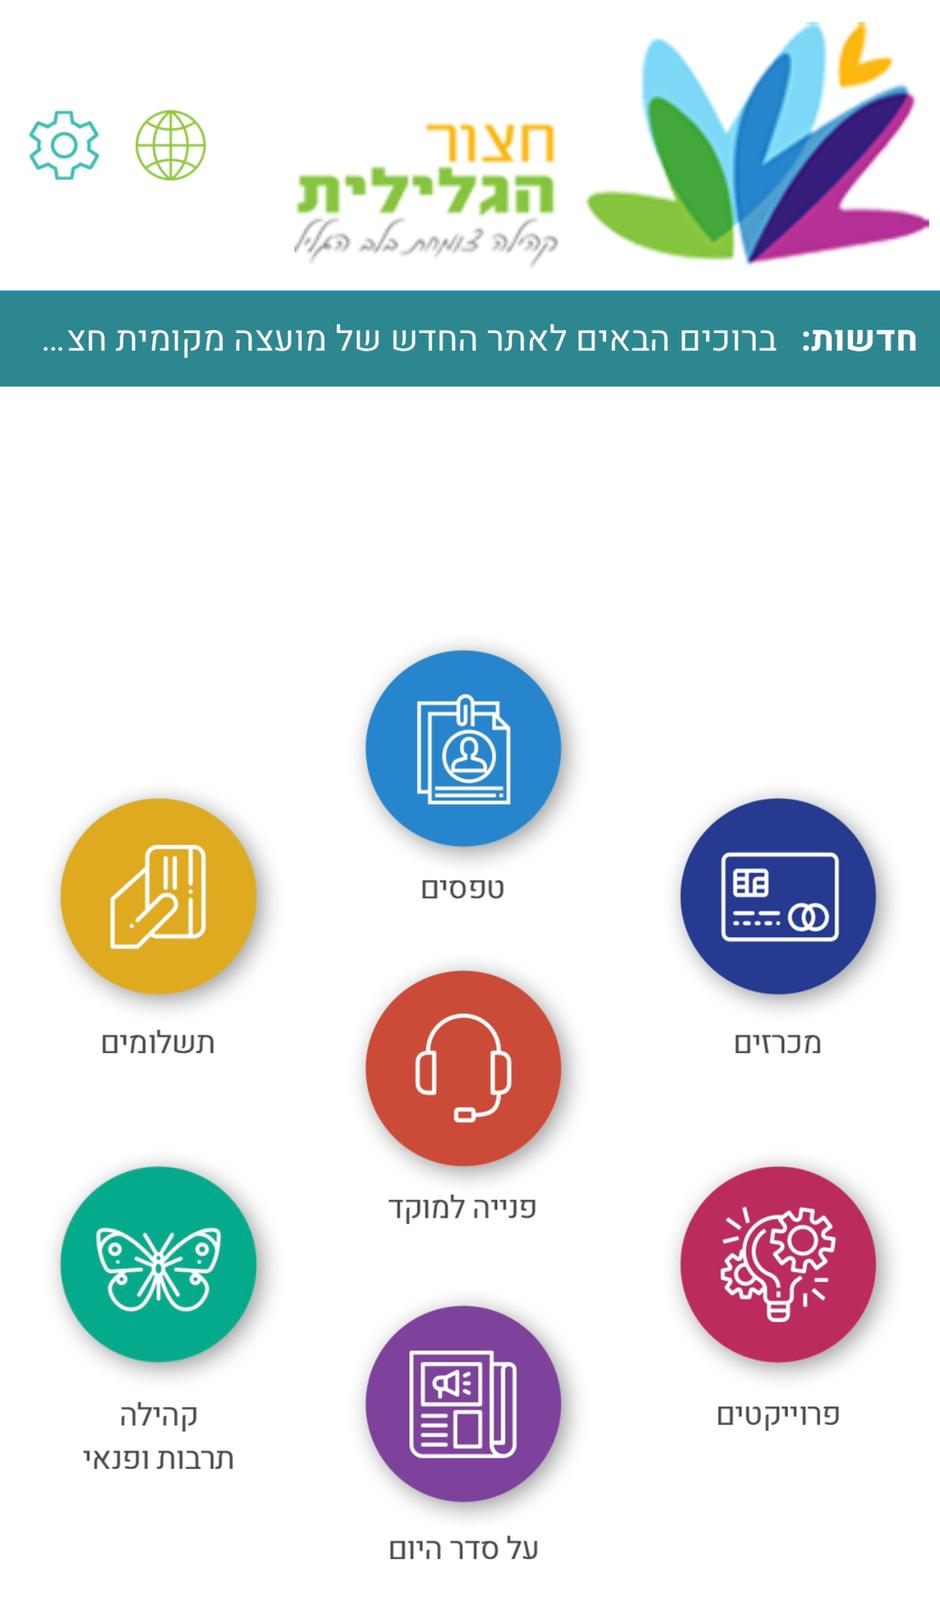 חצור הגלילית: מורידים אפליקציה ומקבלים מתנות עד פתח הבית